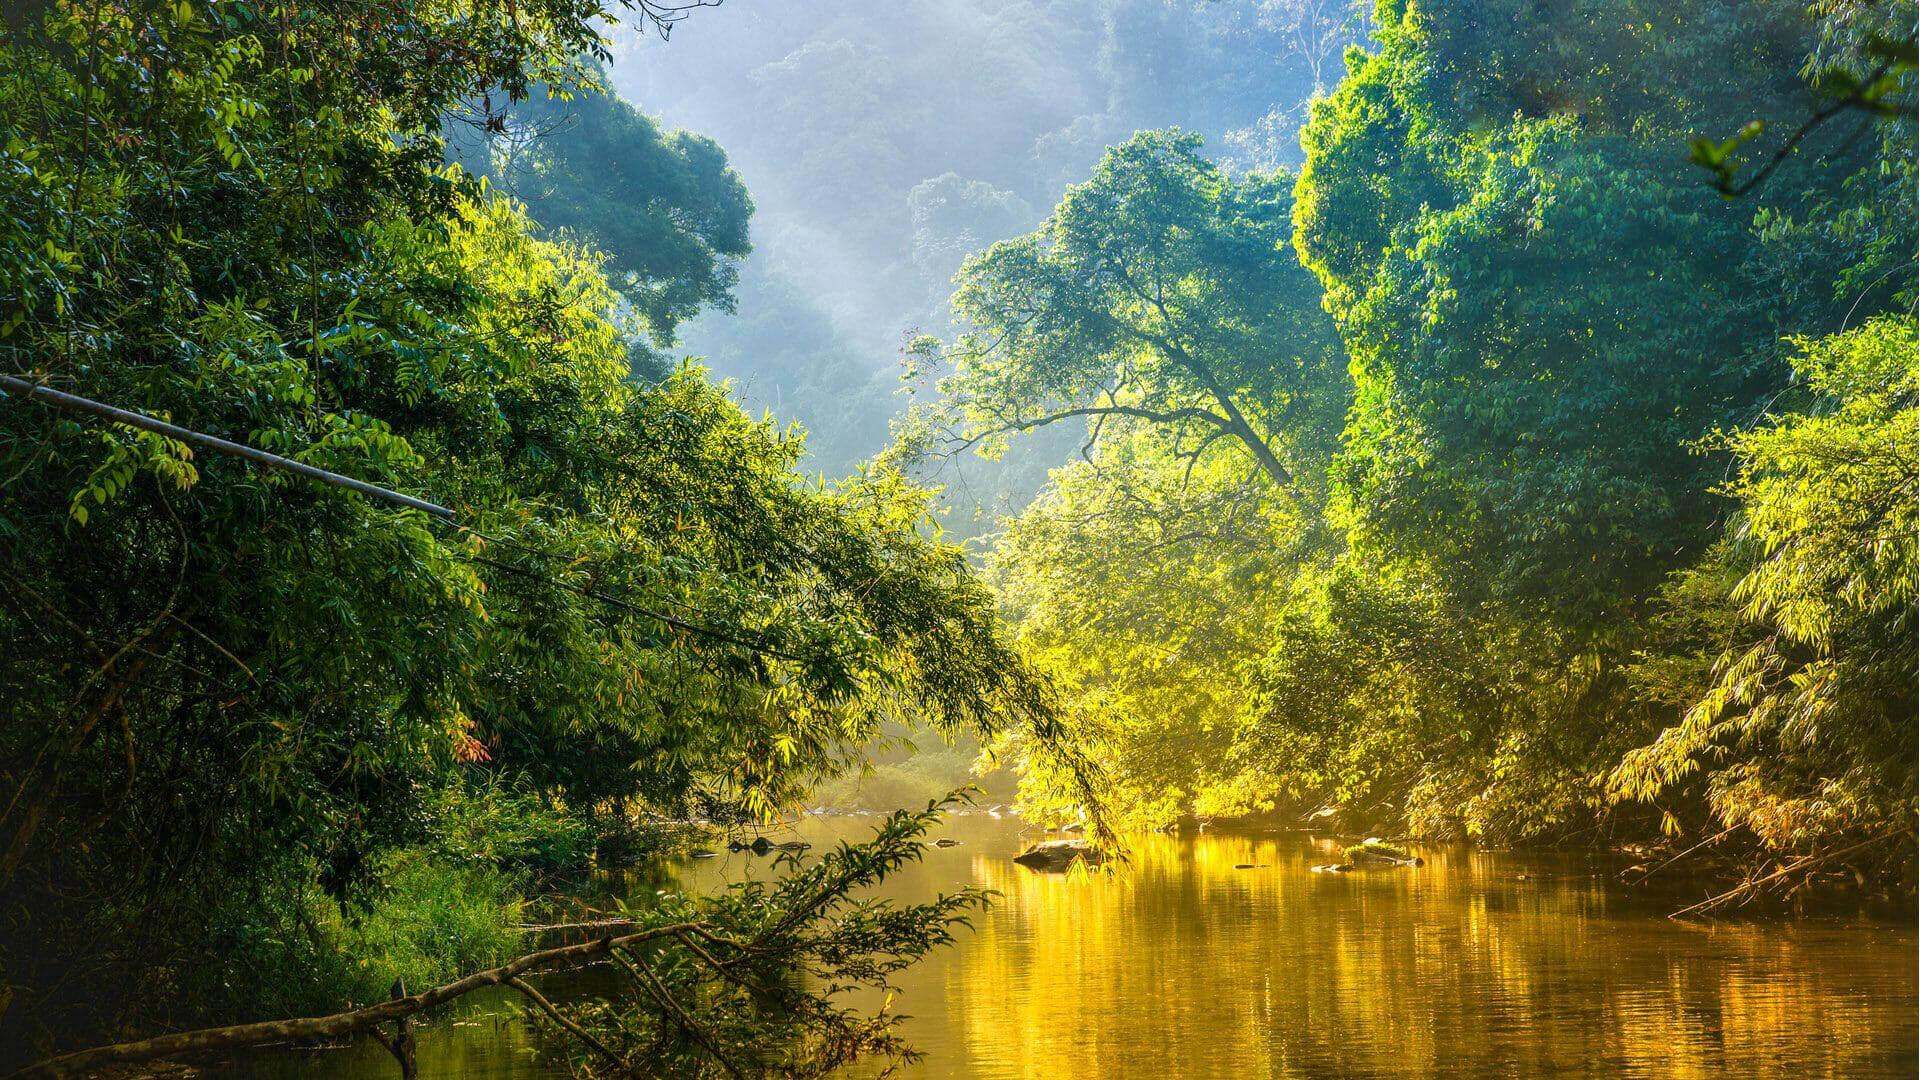 Manaus Full Day Tour On The Amazon River Manaus Brazil